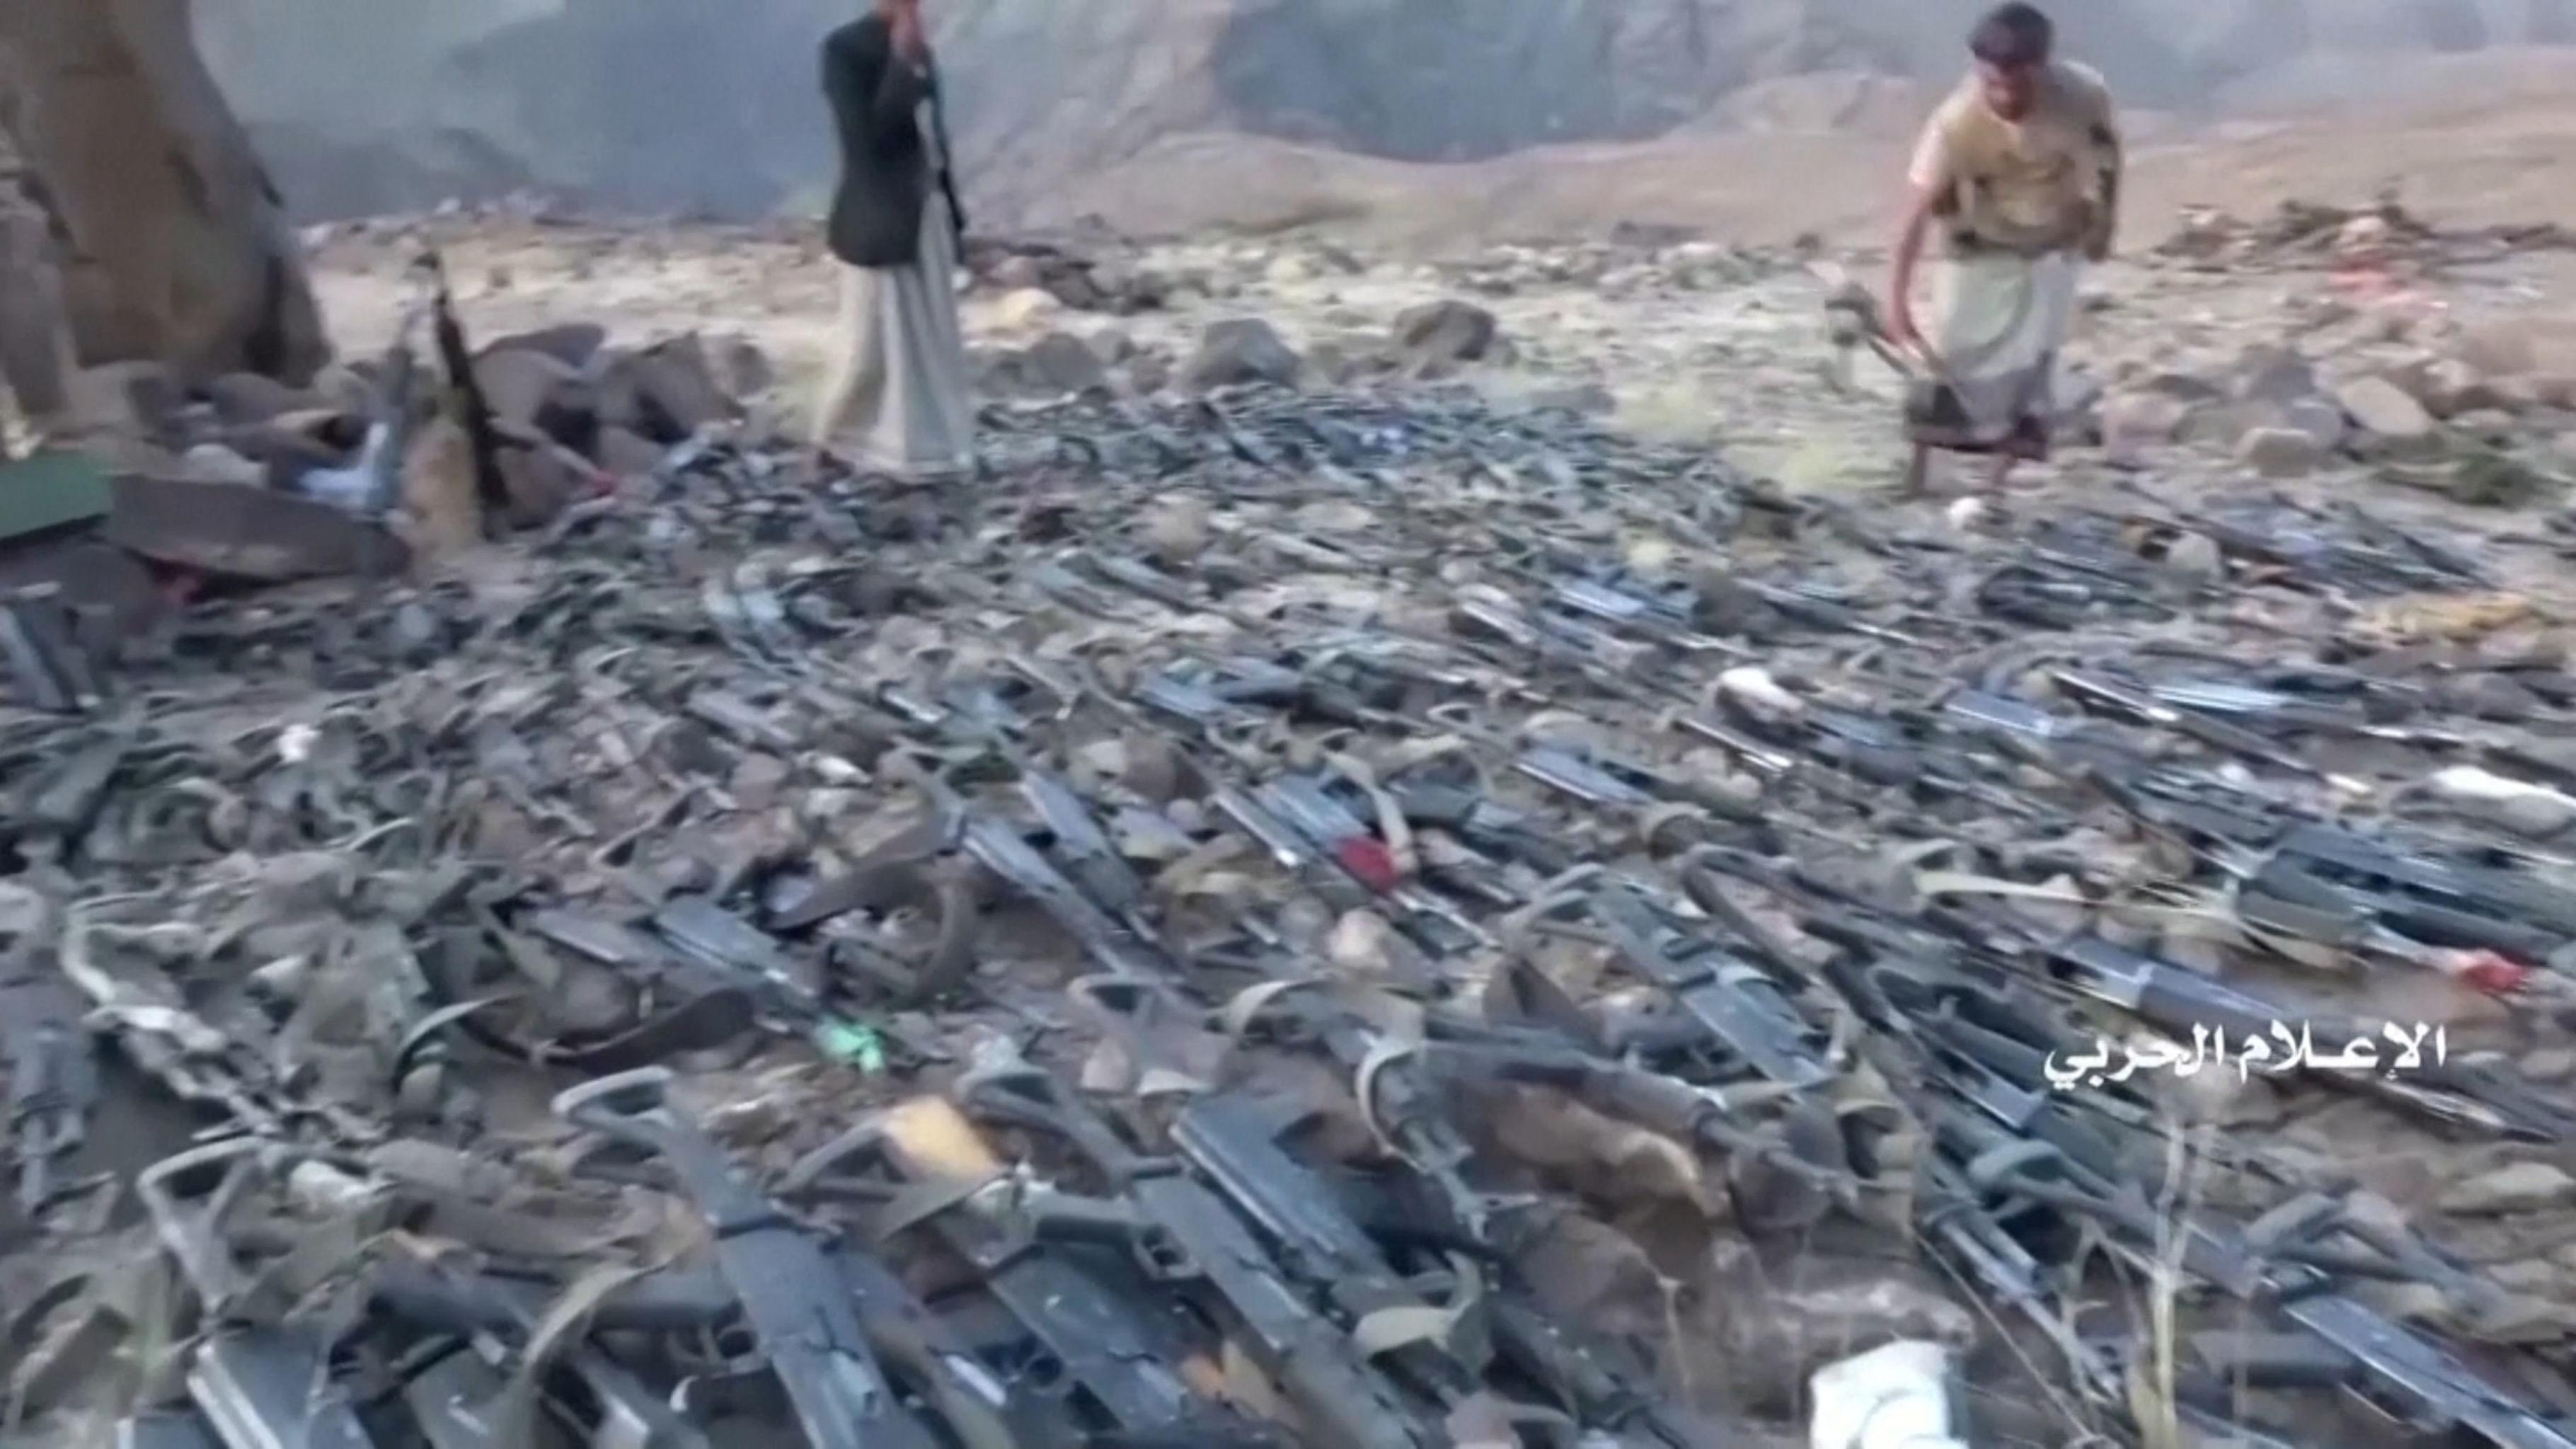 Armas supostamente pertencentes a forças sauditas, capturadas por houthis iemenitas, é vista após ataque na província saudita de Najran, perto da fronteira entre Iêmen e Arábia Saudita, 29 de setembro de 2019